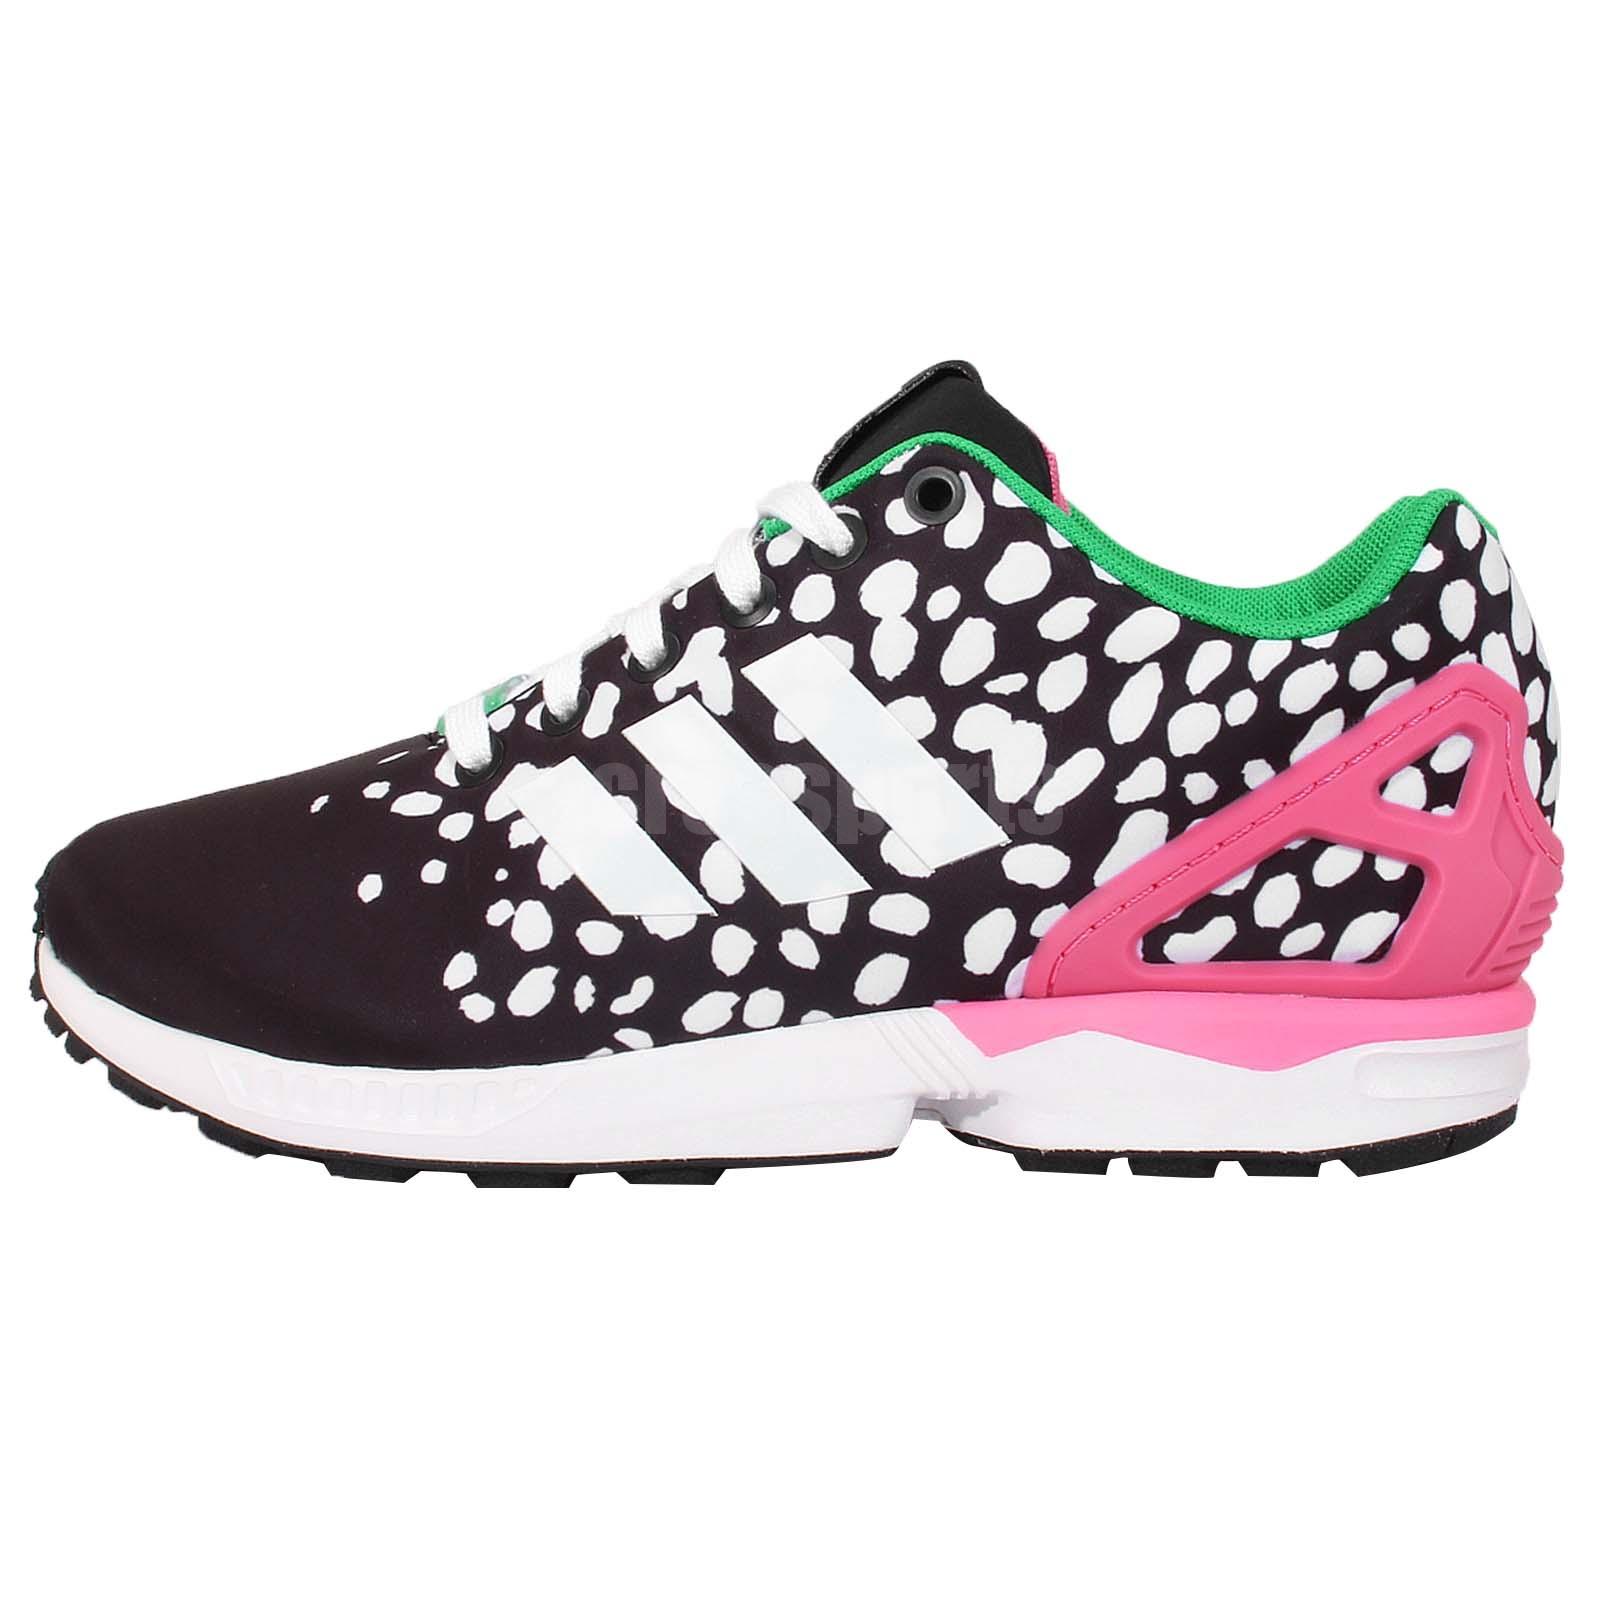 adidas originals zx flux w black white pink womens